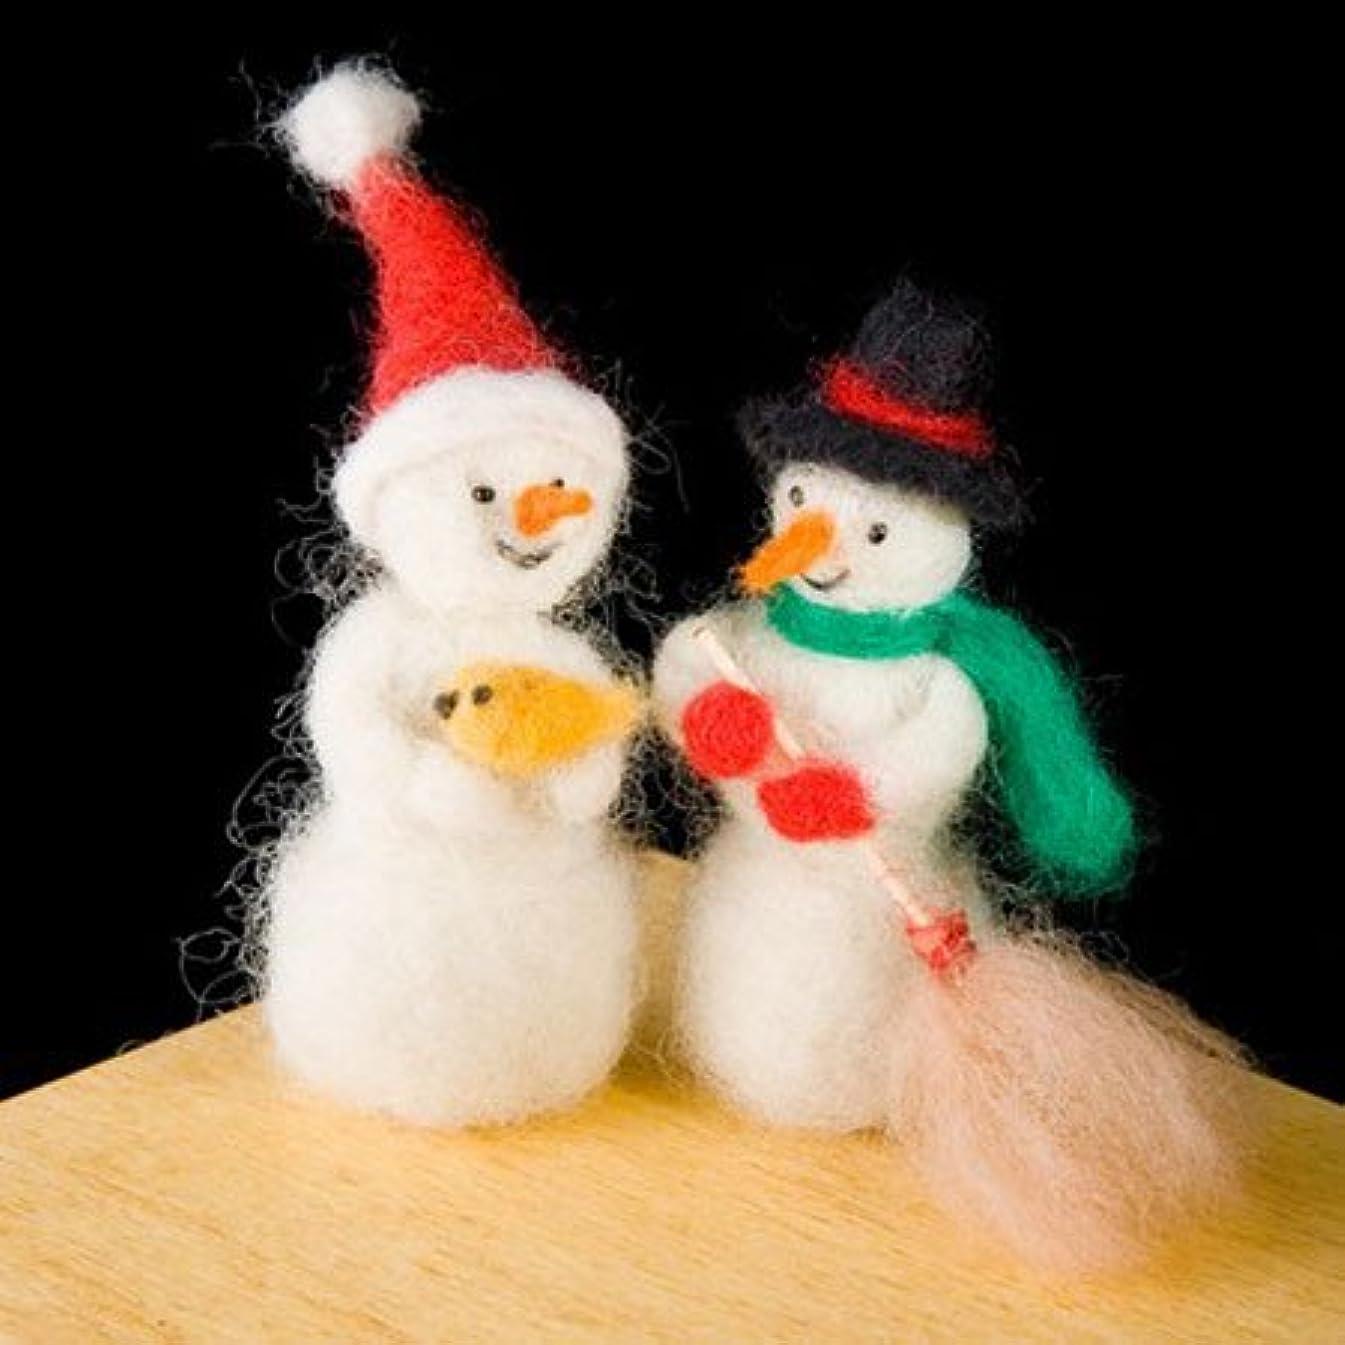 Wool Felting Kits, Snowman